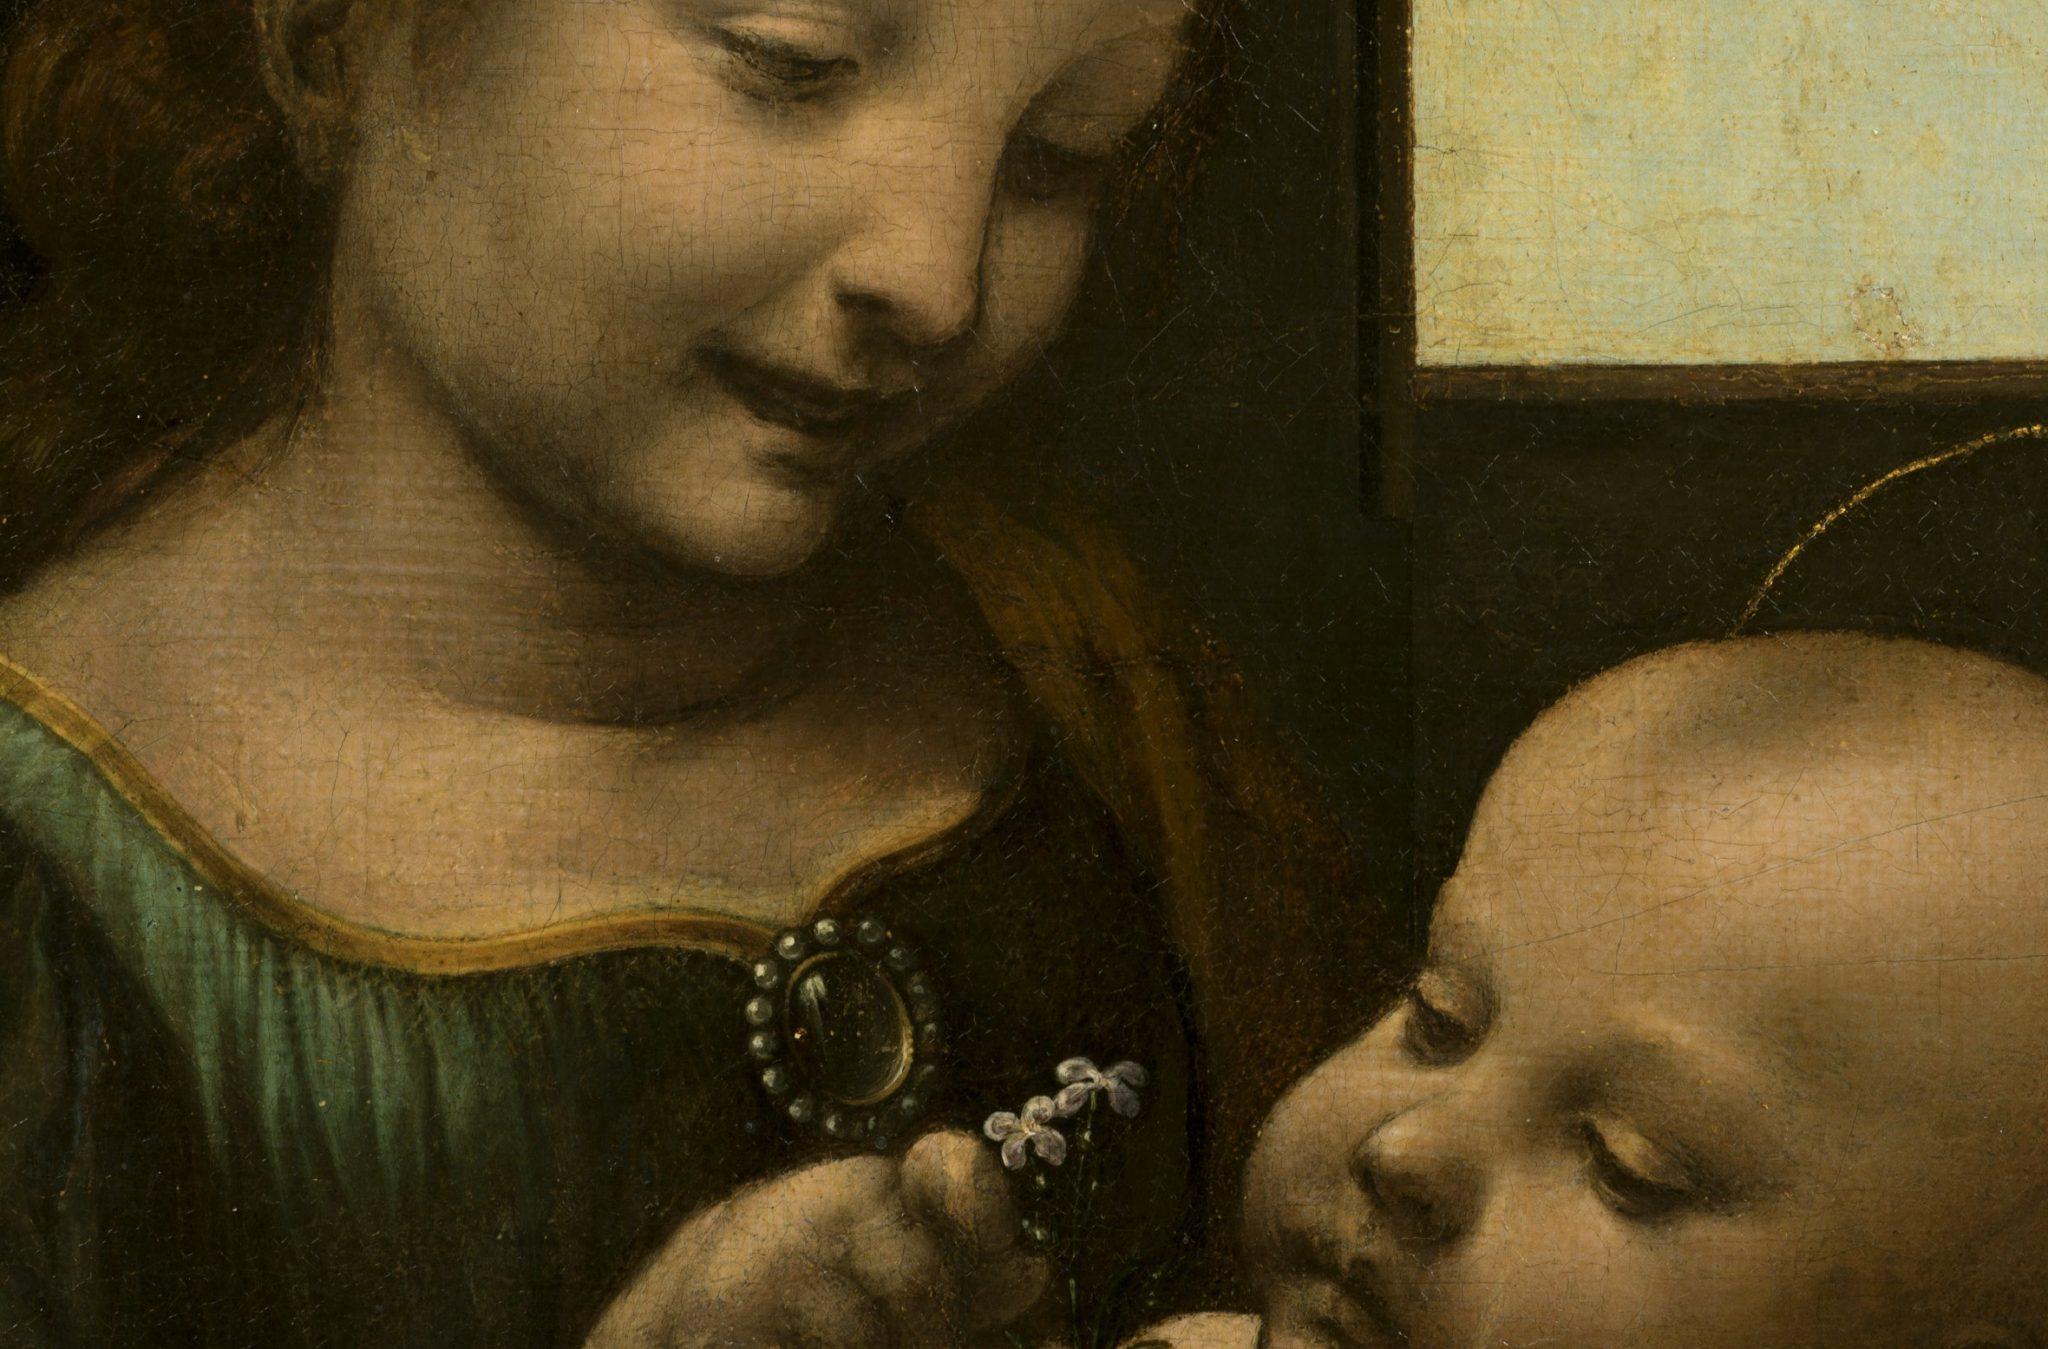 Il Leonardo russo. La Madonna Benois dell'Ermitage esposta per un mese a Fabriano